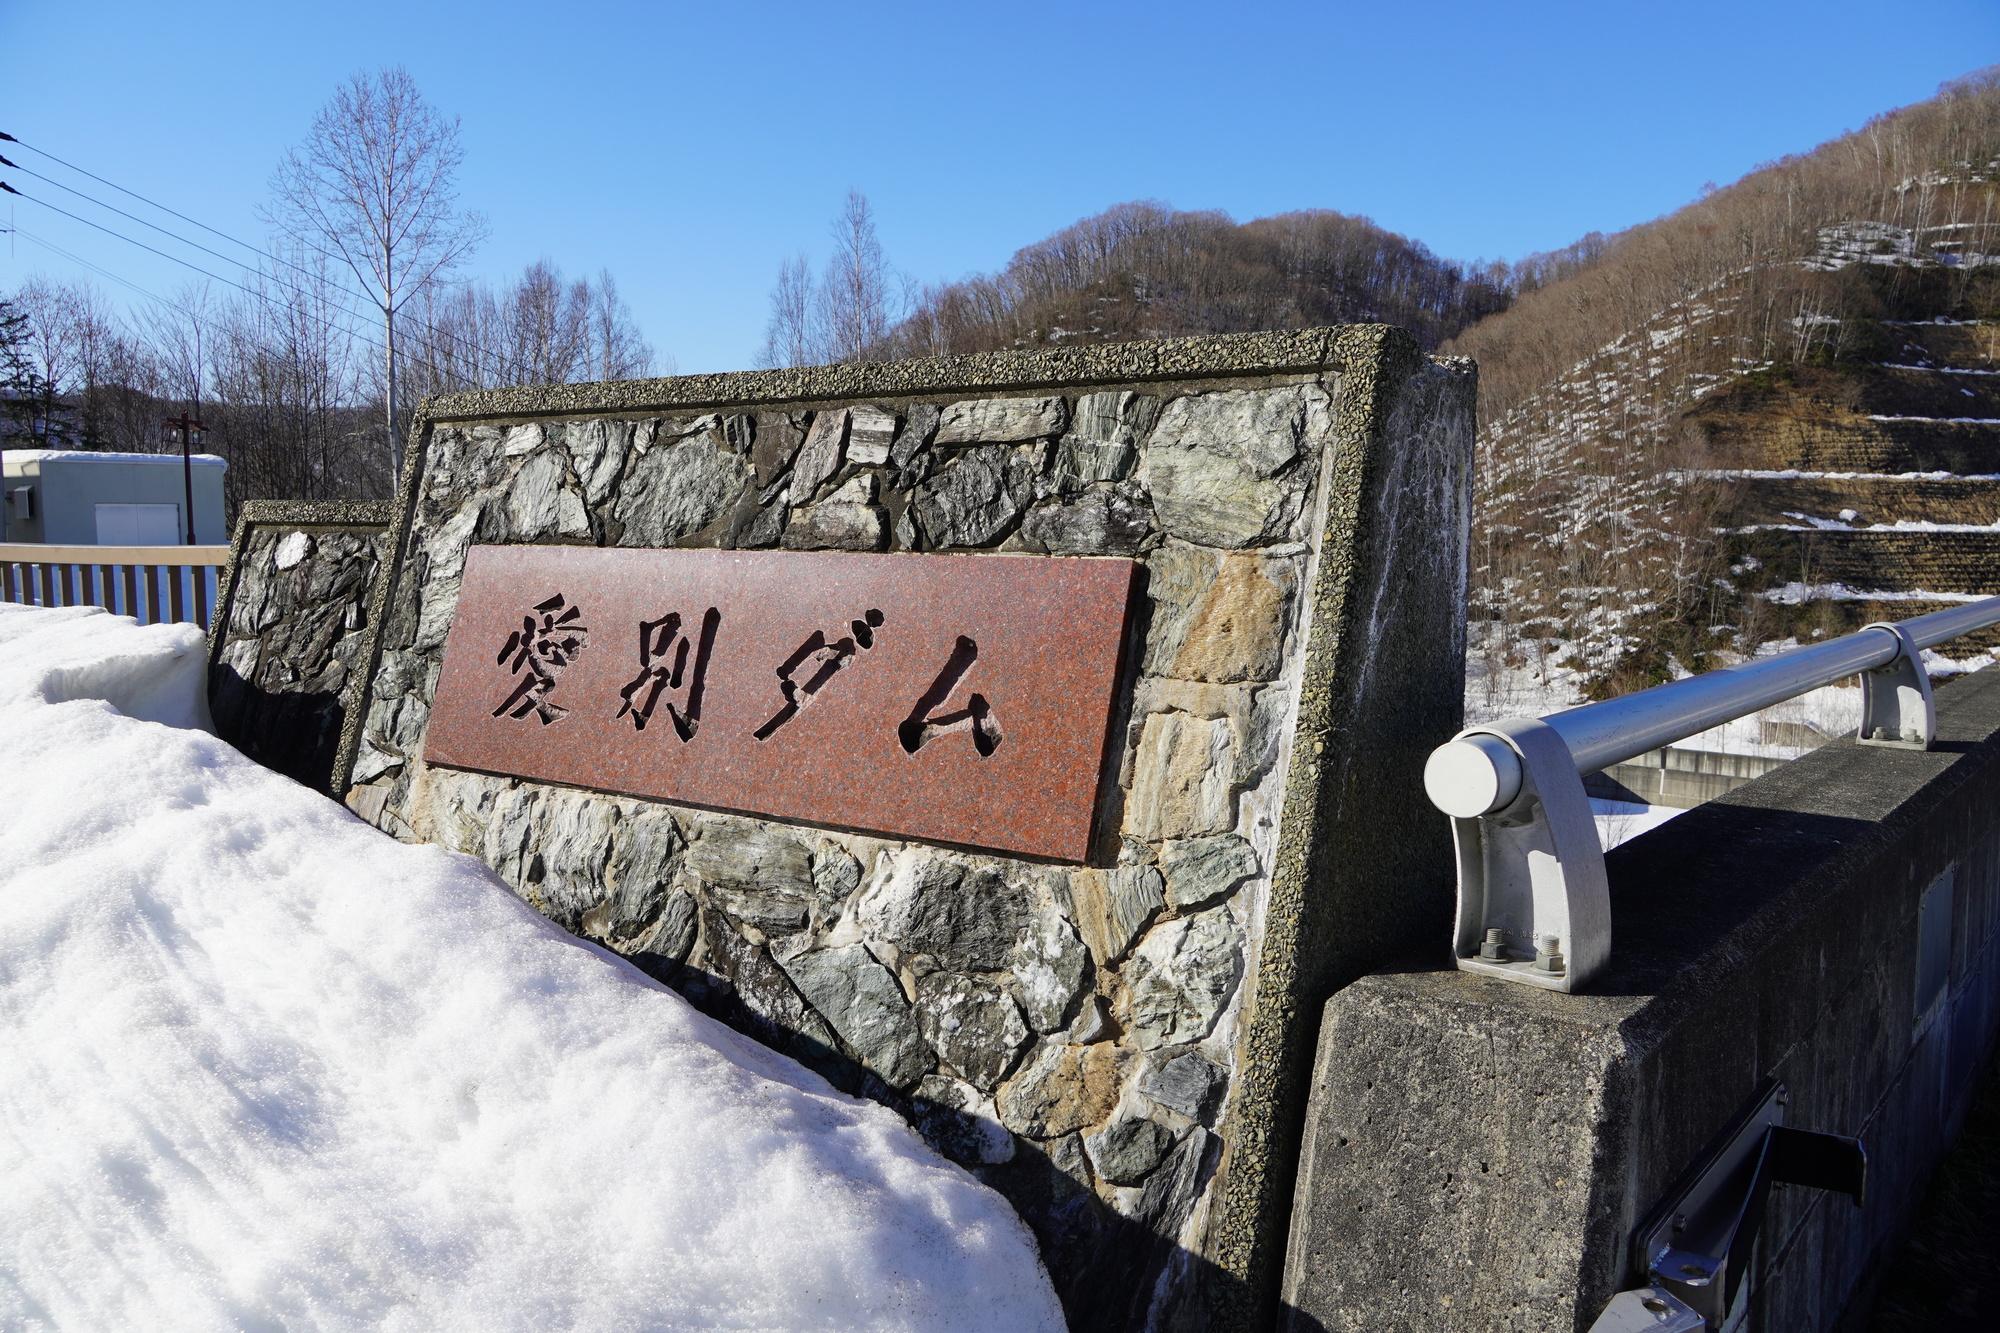 愛別ダム・重力式コンクリートダム